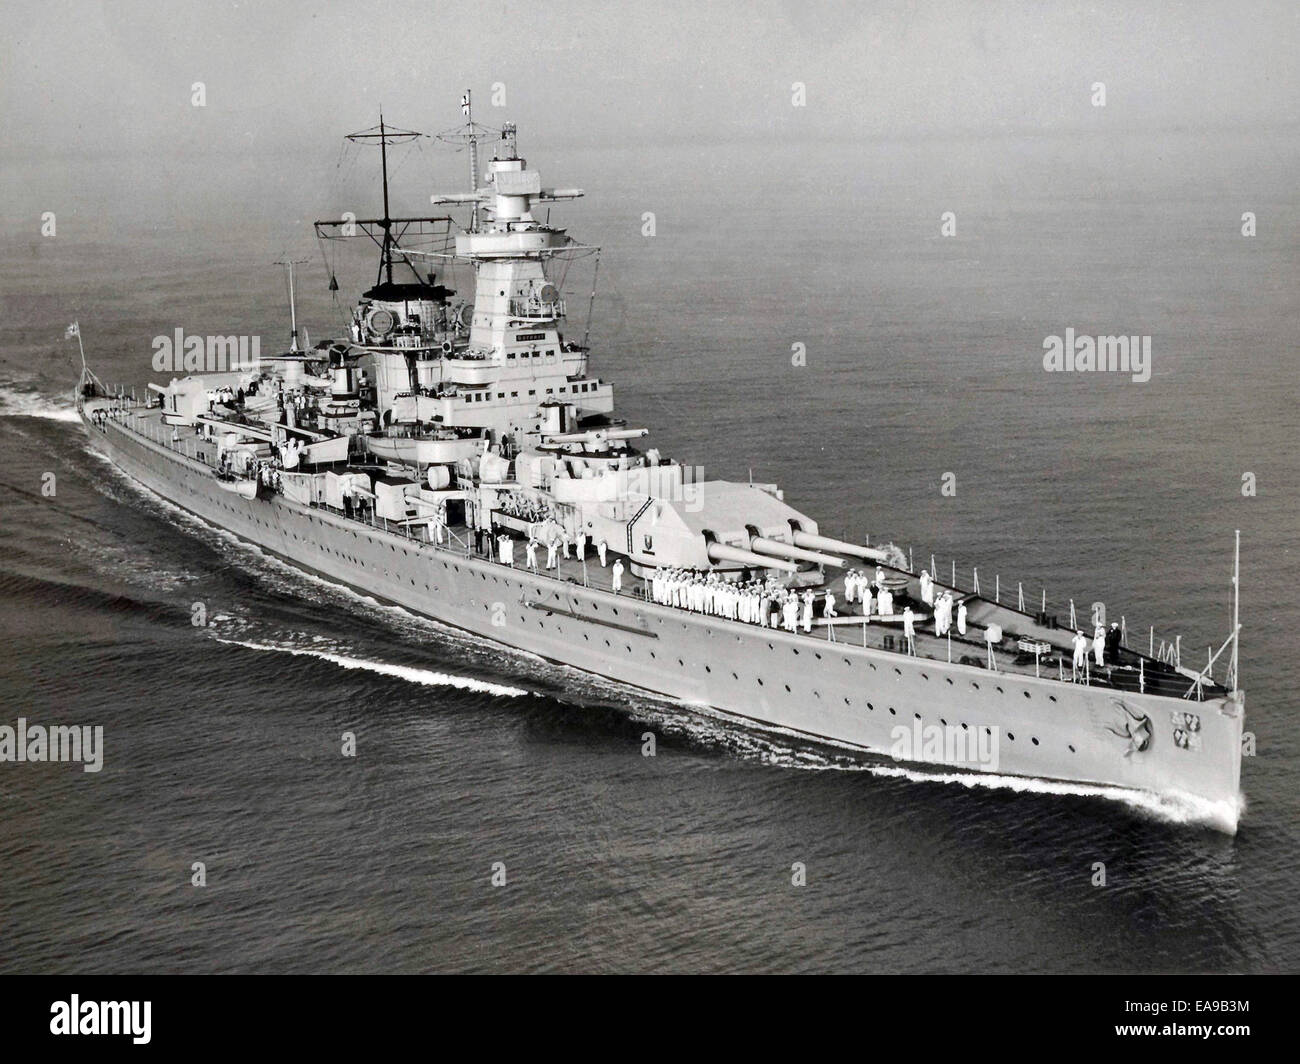 Graf Spee, Deutschland-Klasse schwerer Kreuzer, deutsche Kriegsschiff Zweiter Weltkrieg Graf Spee Stockbild